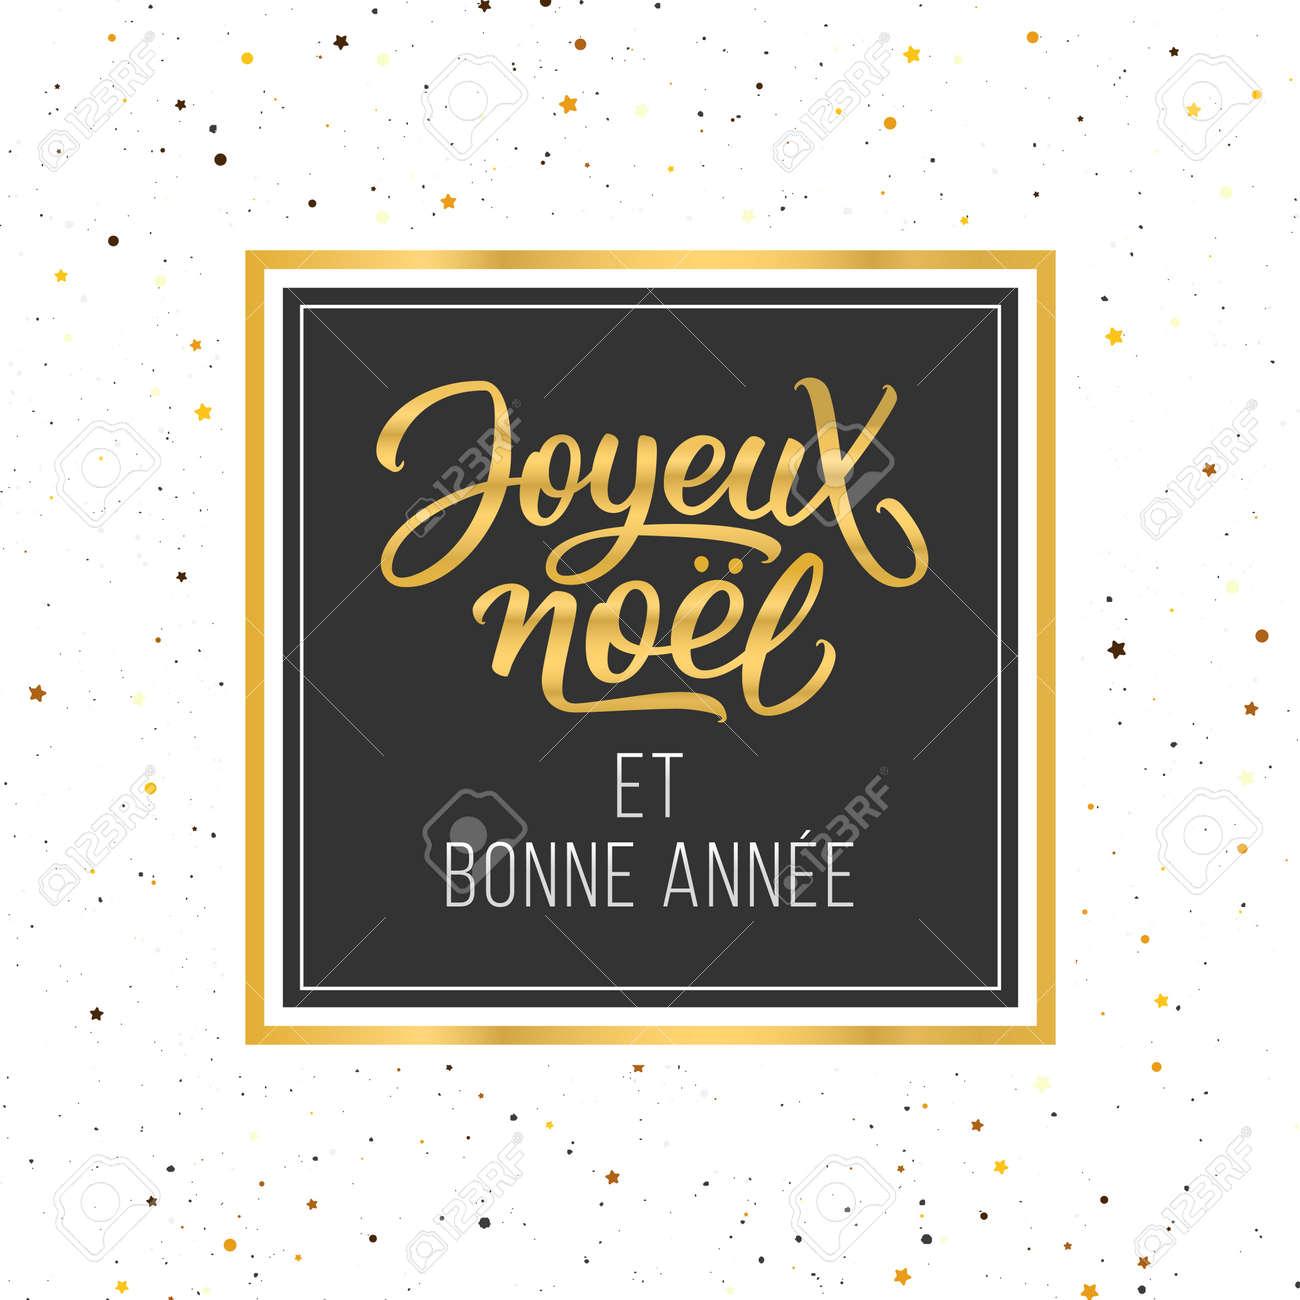 Bonne Annee Joyeux Noel.Joyeux Noel Et Bonne Annee Golden Text In Frame Vintage Vector